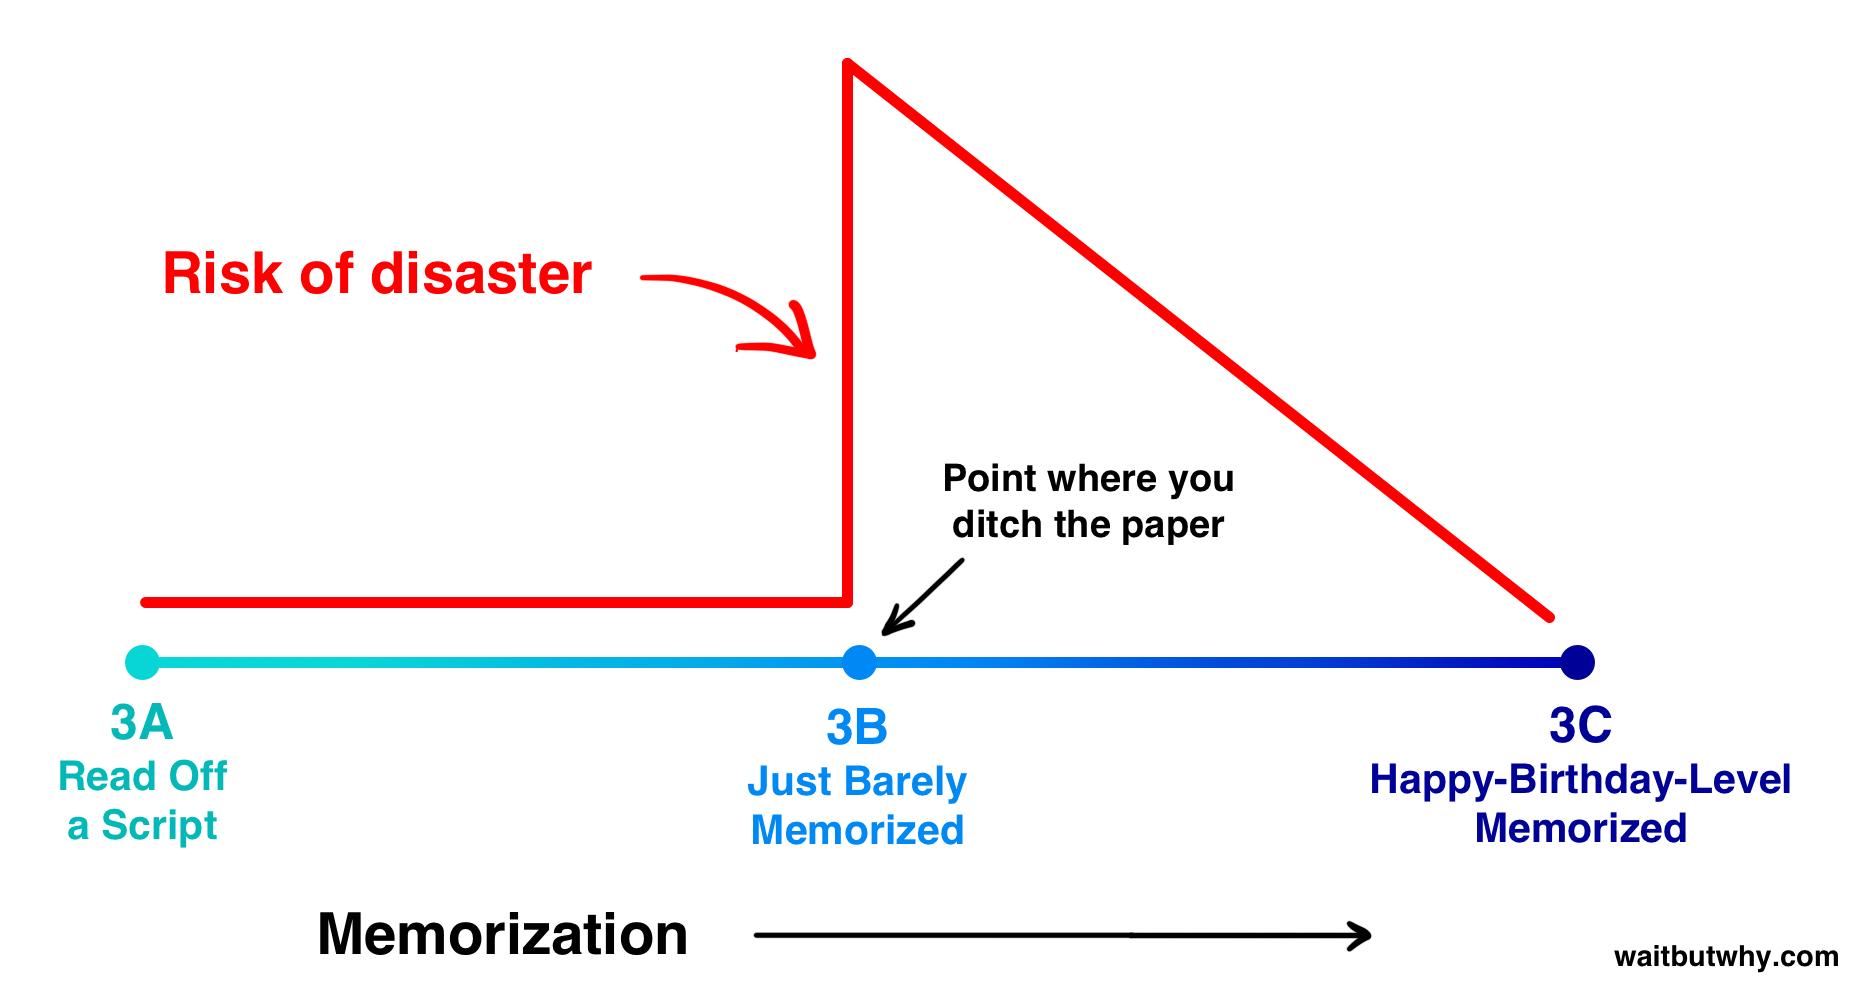 Memorization risk graph